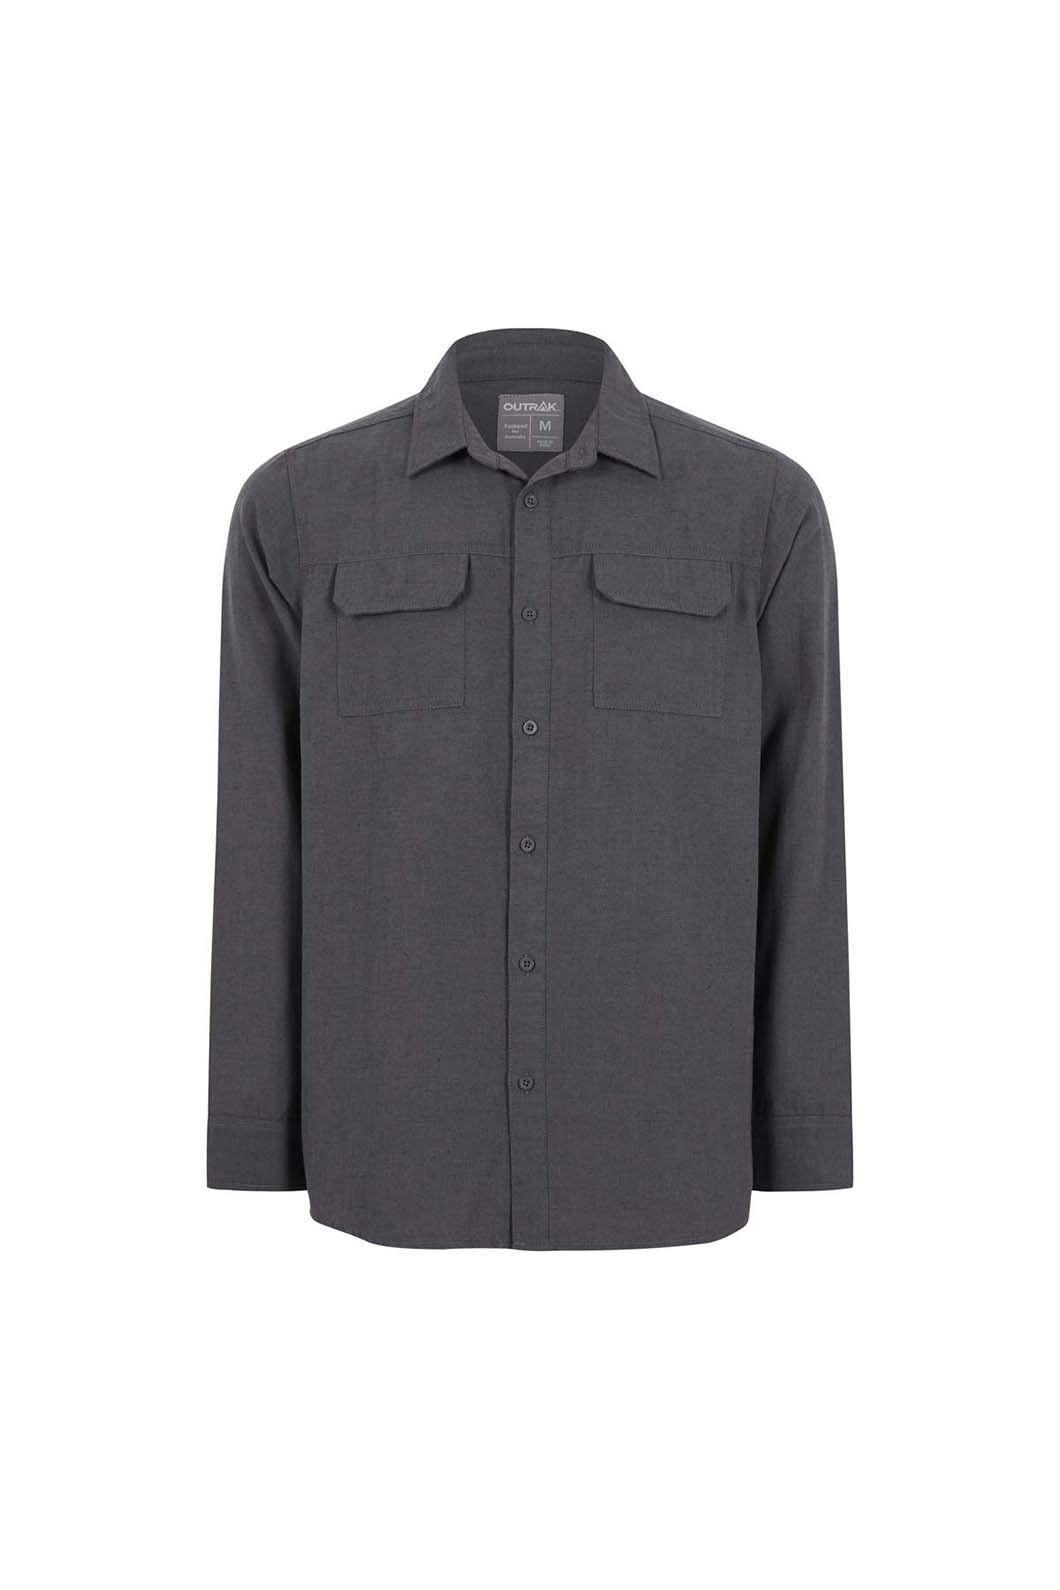 Outrak Men's Slub Long Sleeve Shirt, Grey Heather, hi-res